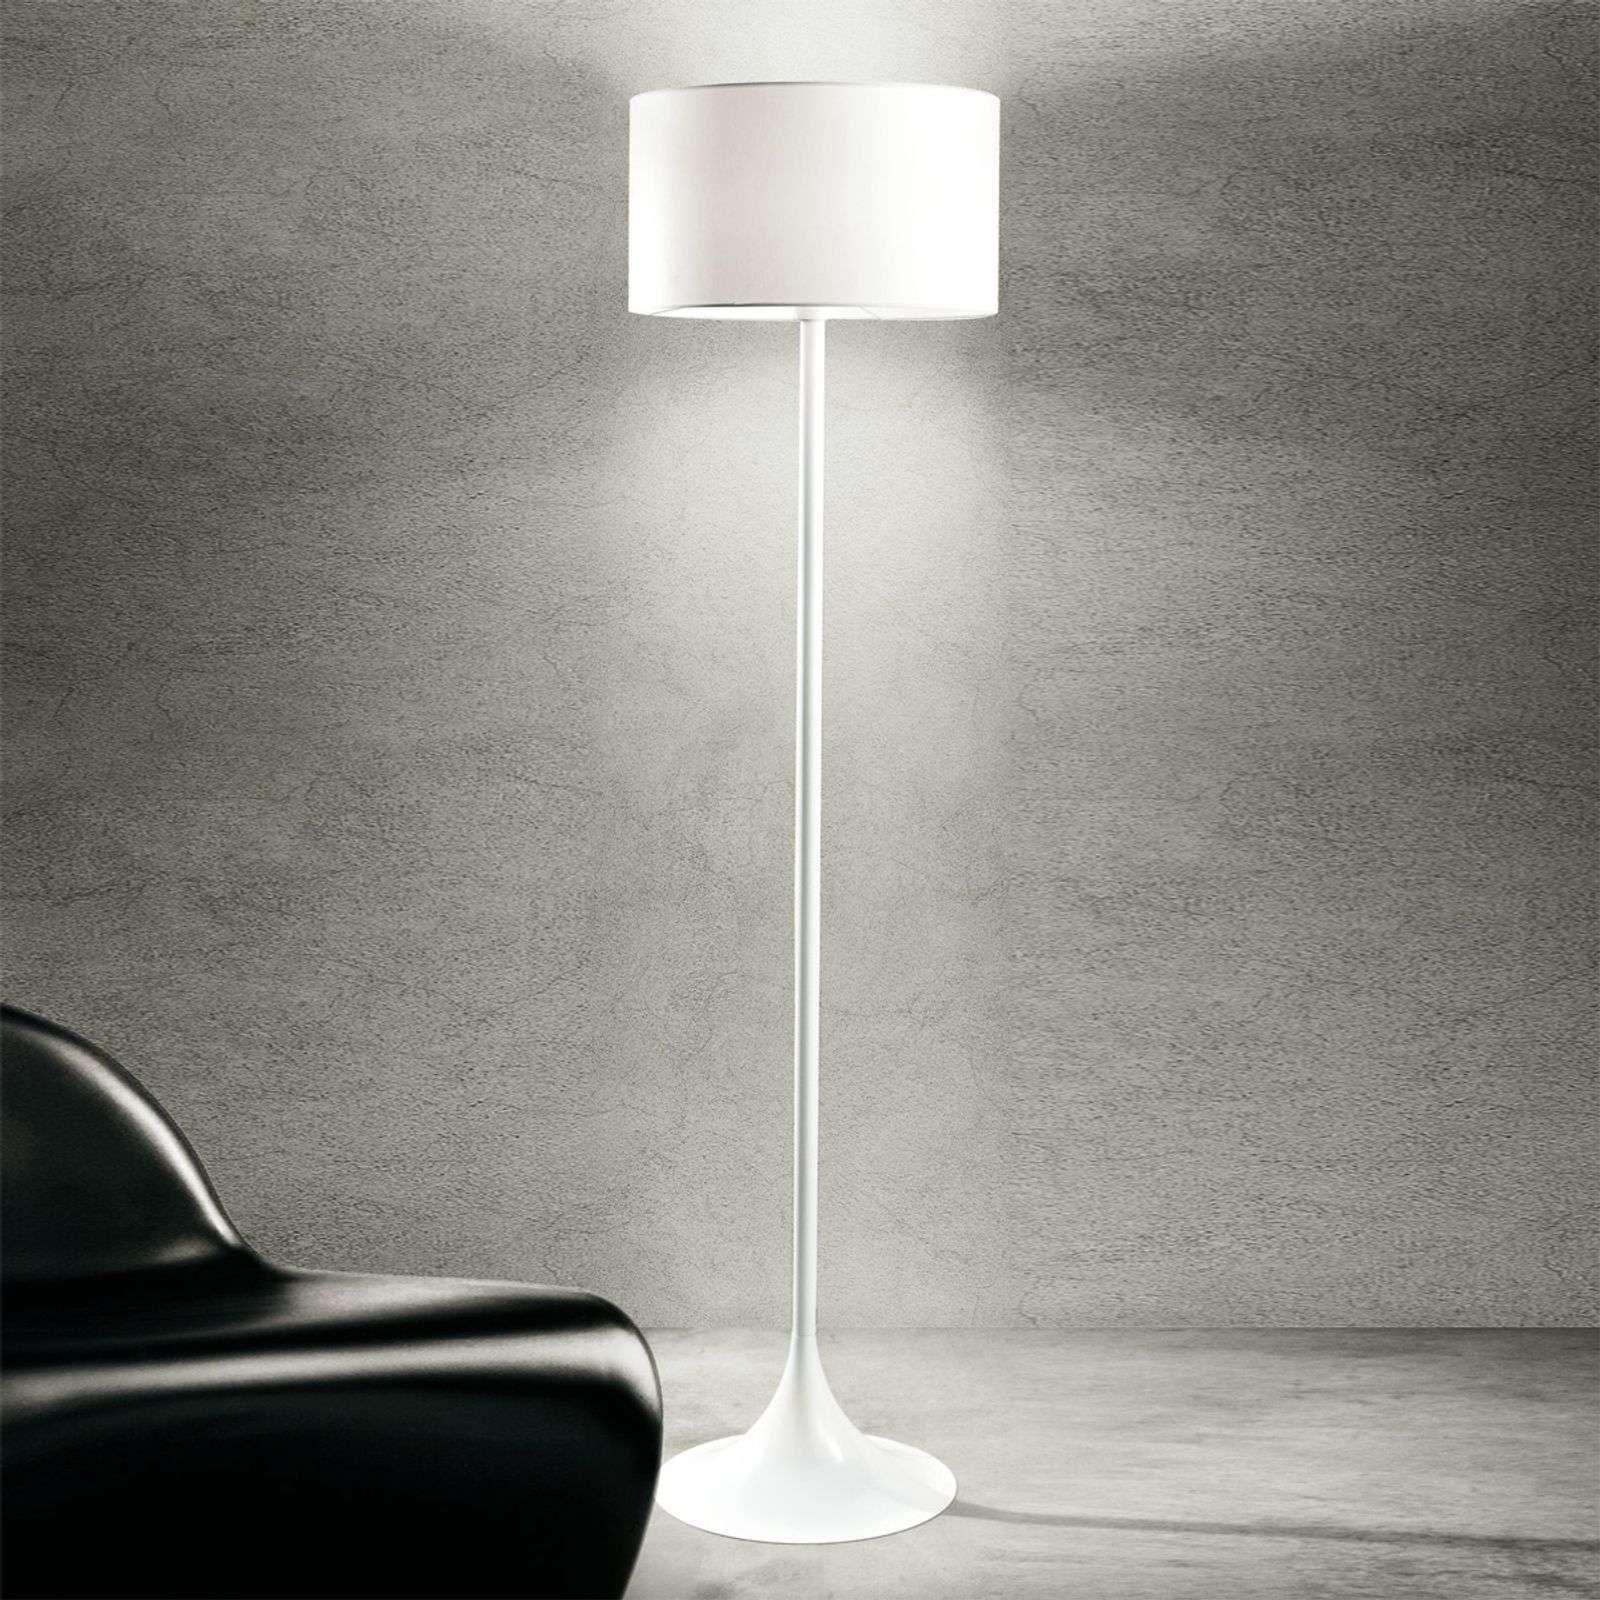 Stehleuchte Flute Stehlampe Mit Schirm Stehlampe Lampen